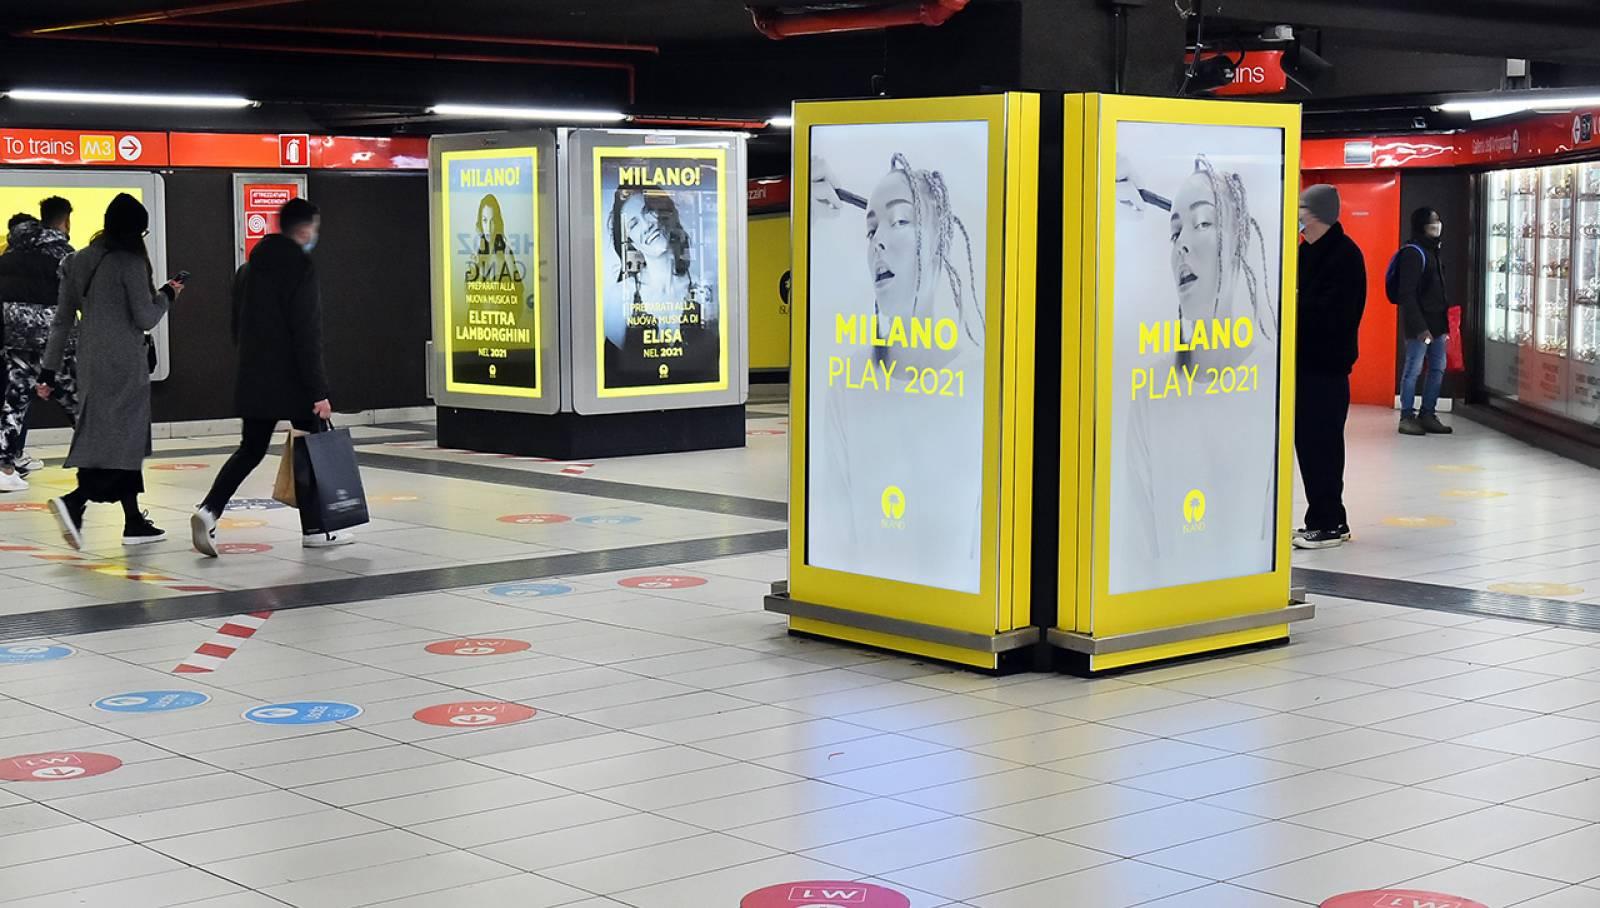 Pubblicità metro Milano Station Domination IGPDecaux per Island Records